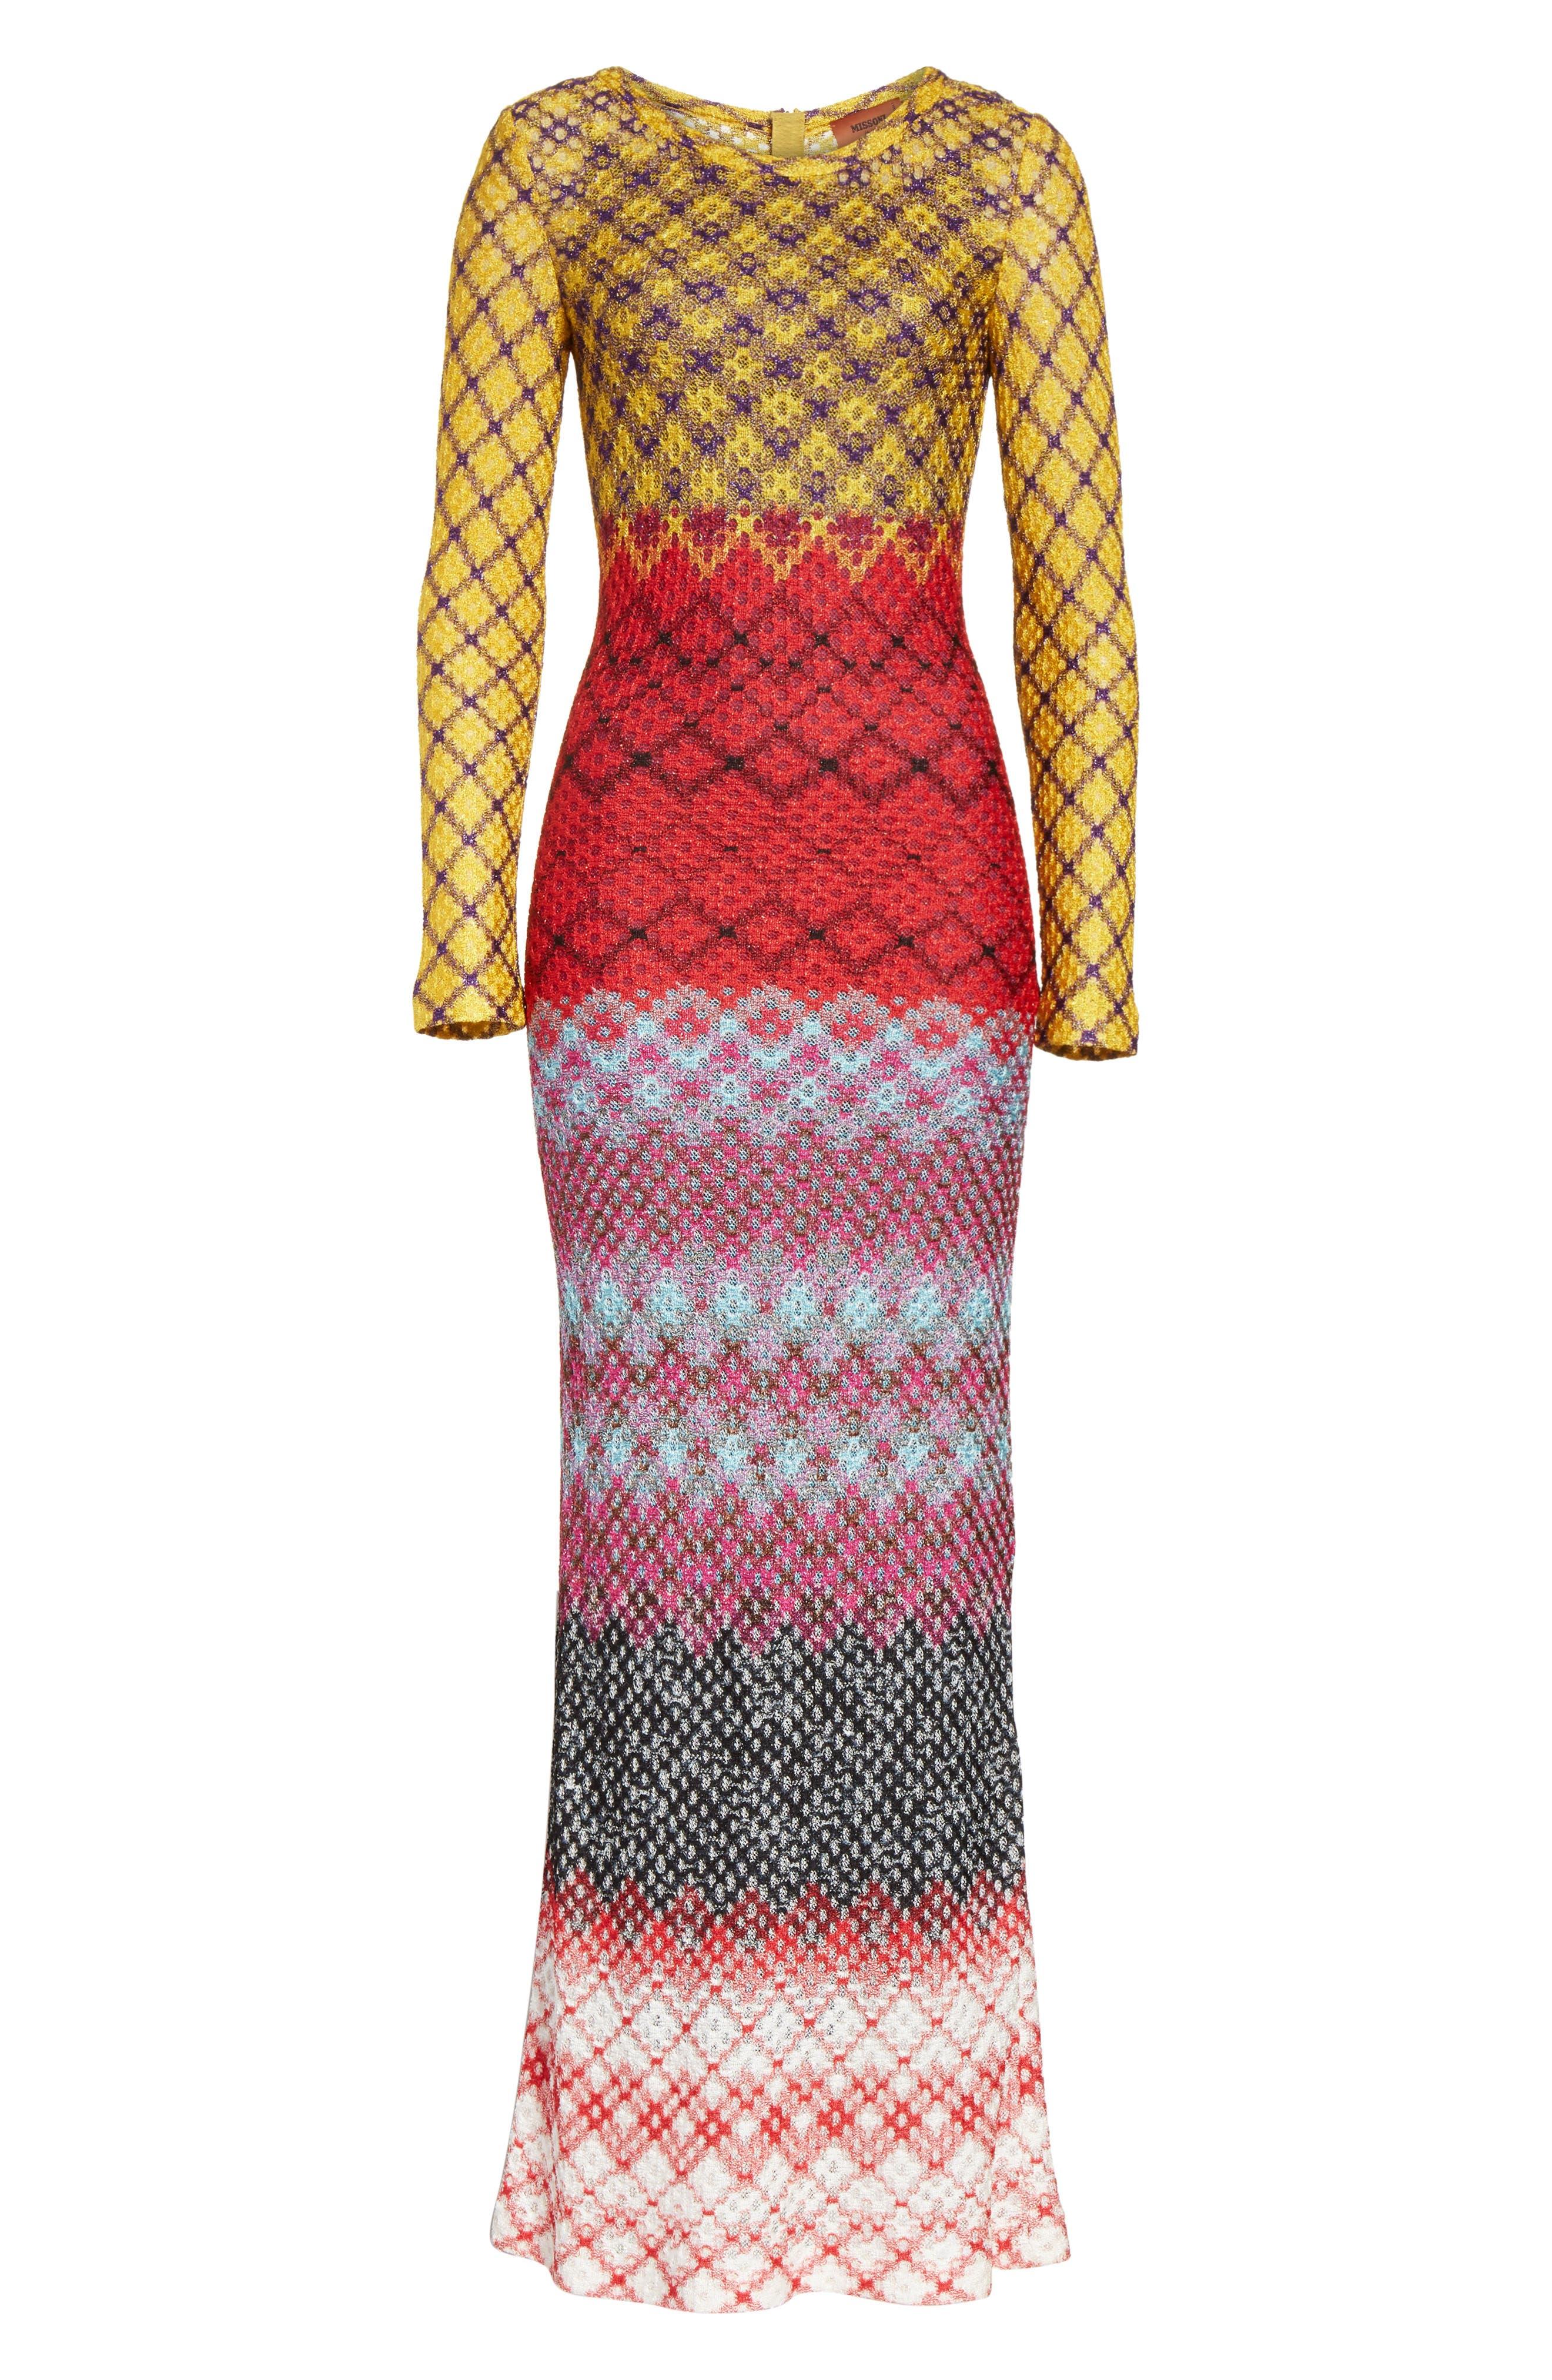 Metallic Knit Maxi Dress,                             Alternate thumbnail 6, color,                             Multi